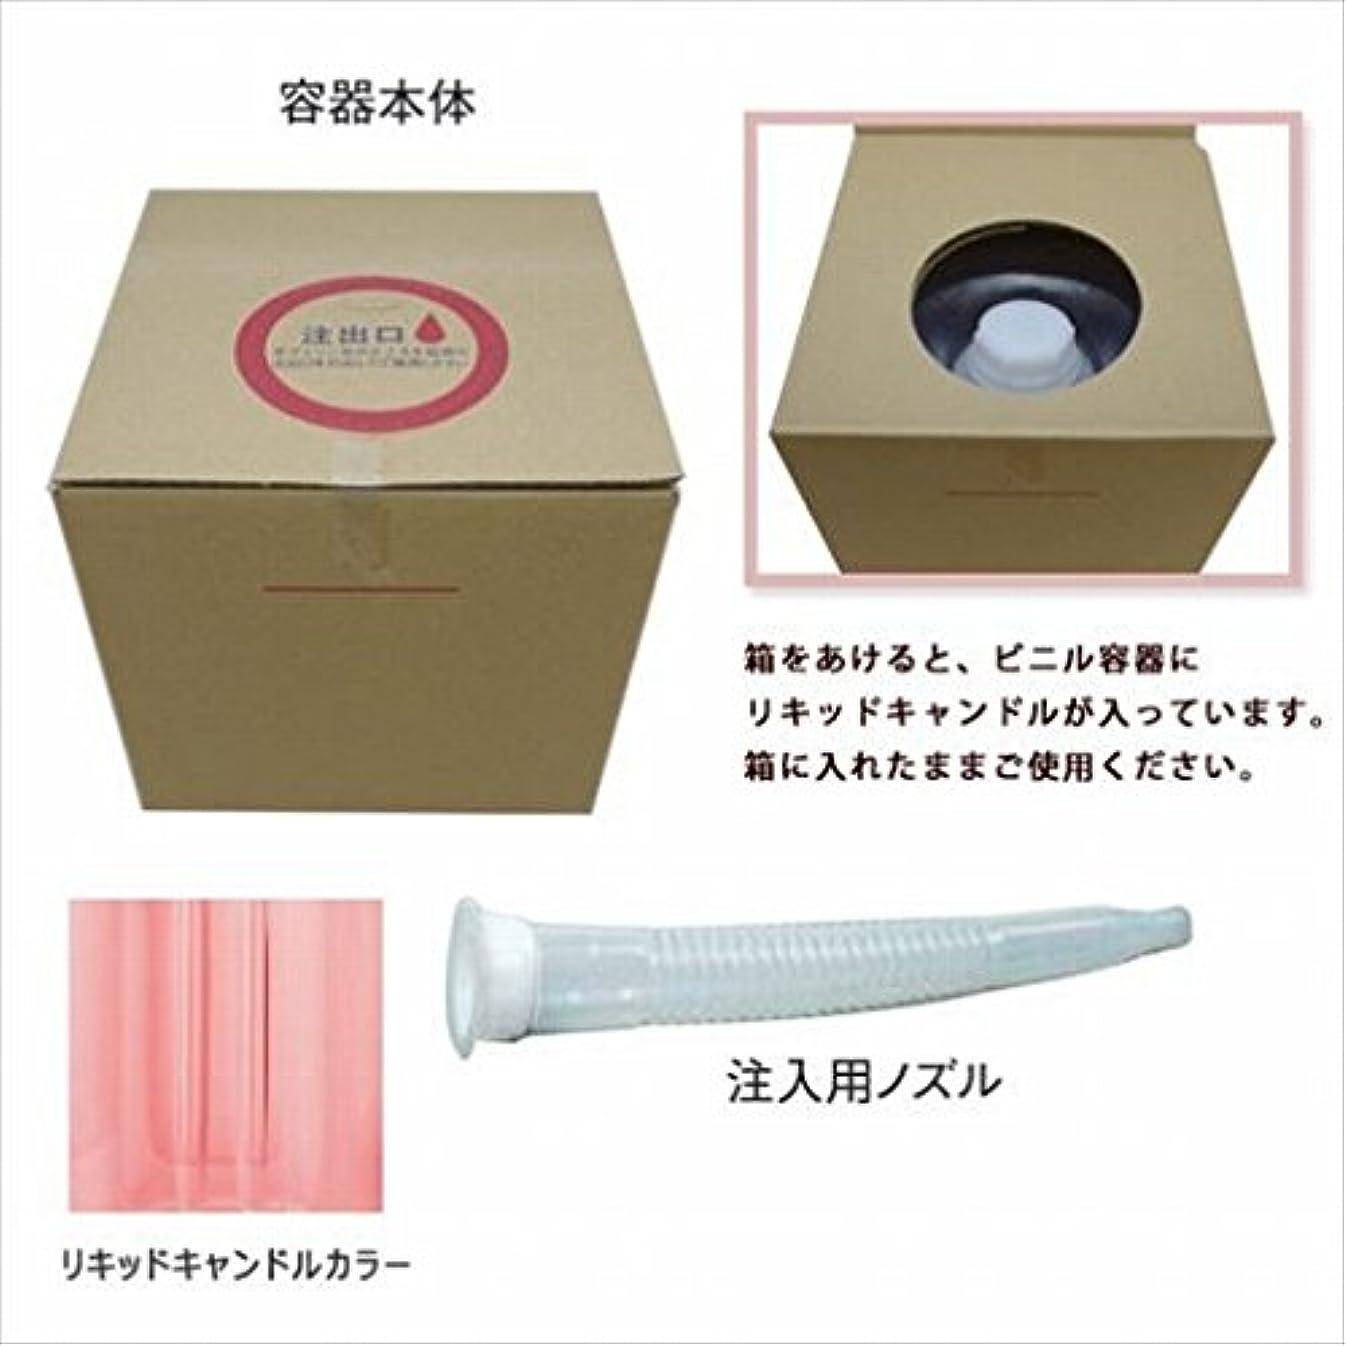 プライム移動する試みカメヤマキャンドル(kameyama candle) リキッドキャンドル5リットル 「 ピンク 」